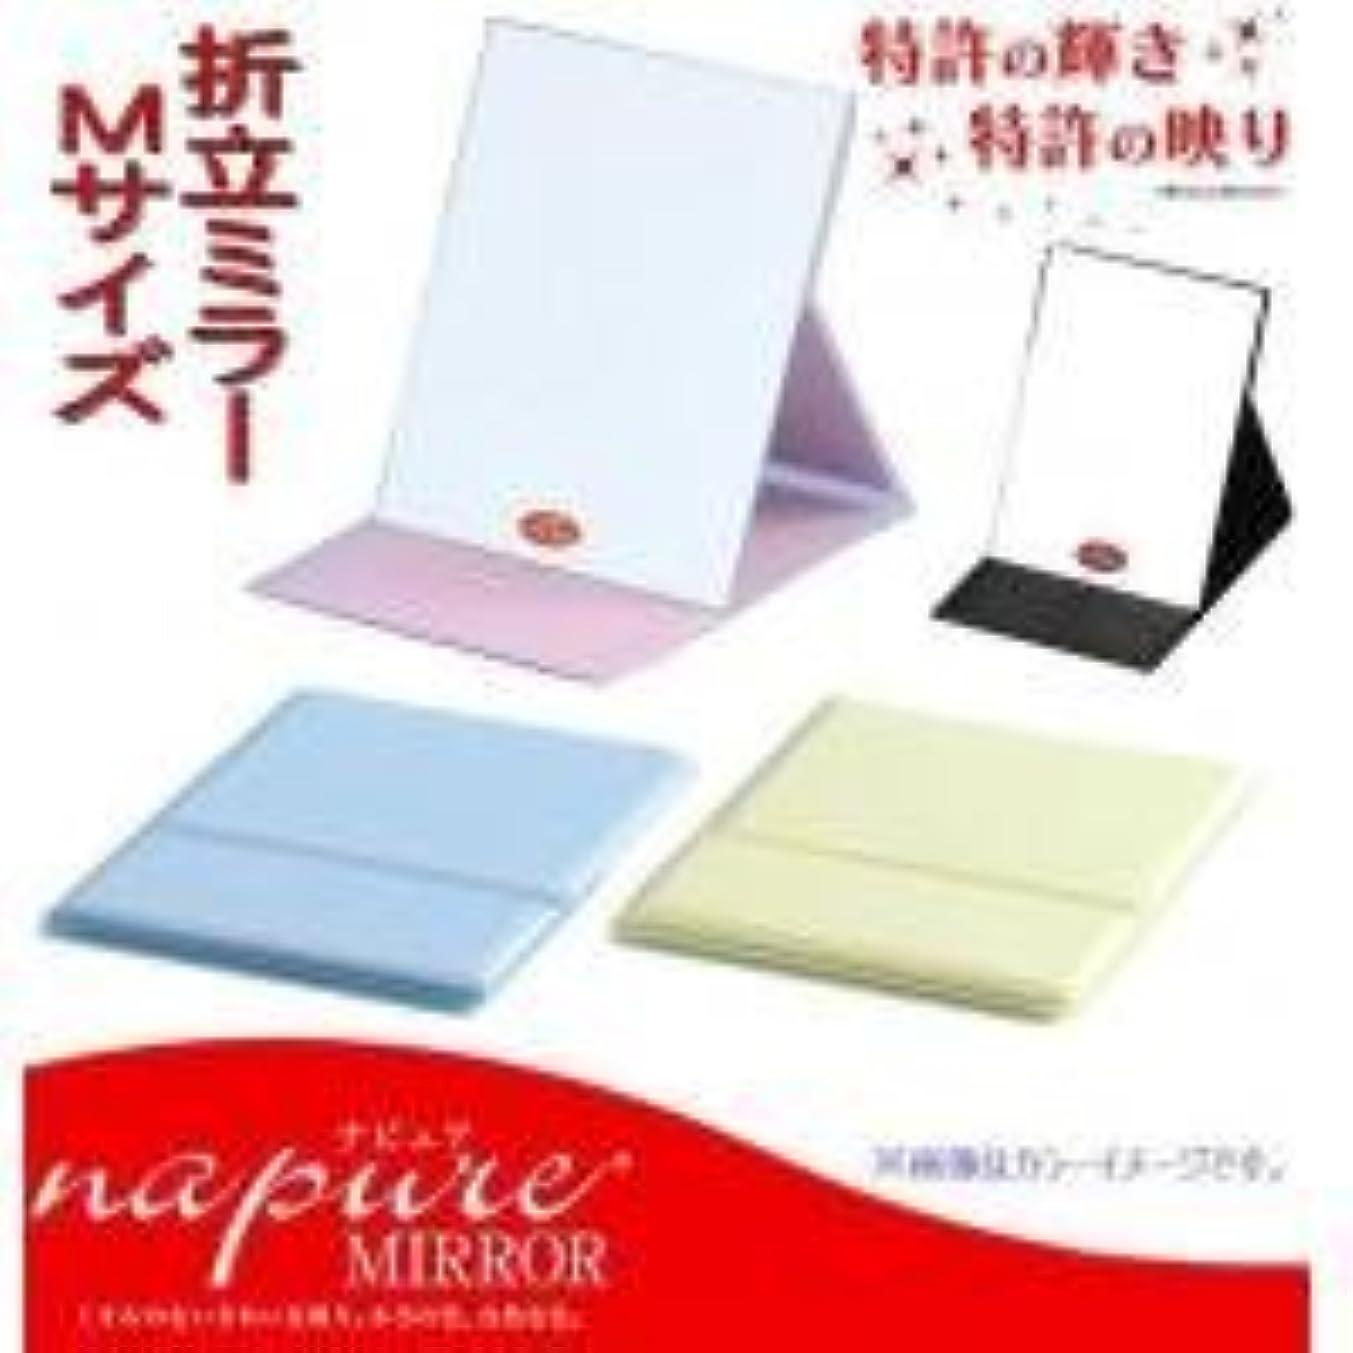 紫の規制極小ナピュア プロモデル カラーバージョン折立ミラー M ブルー